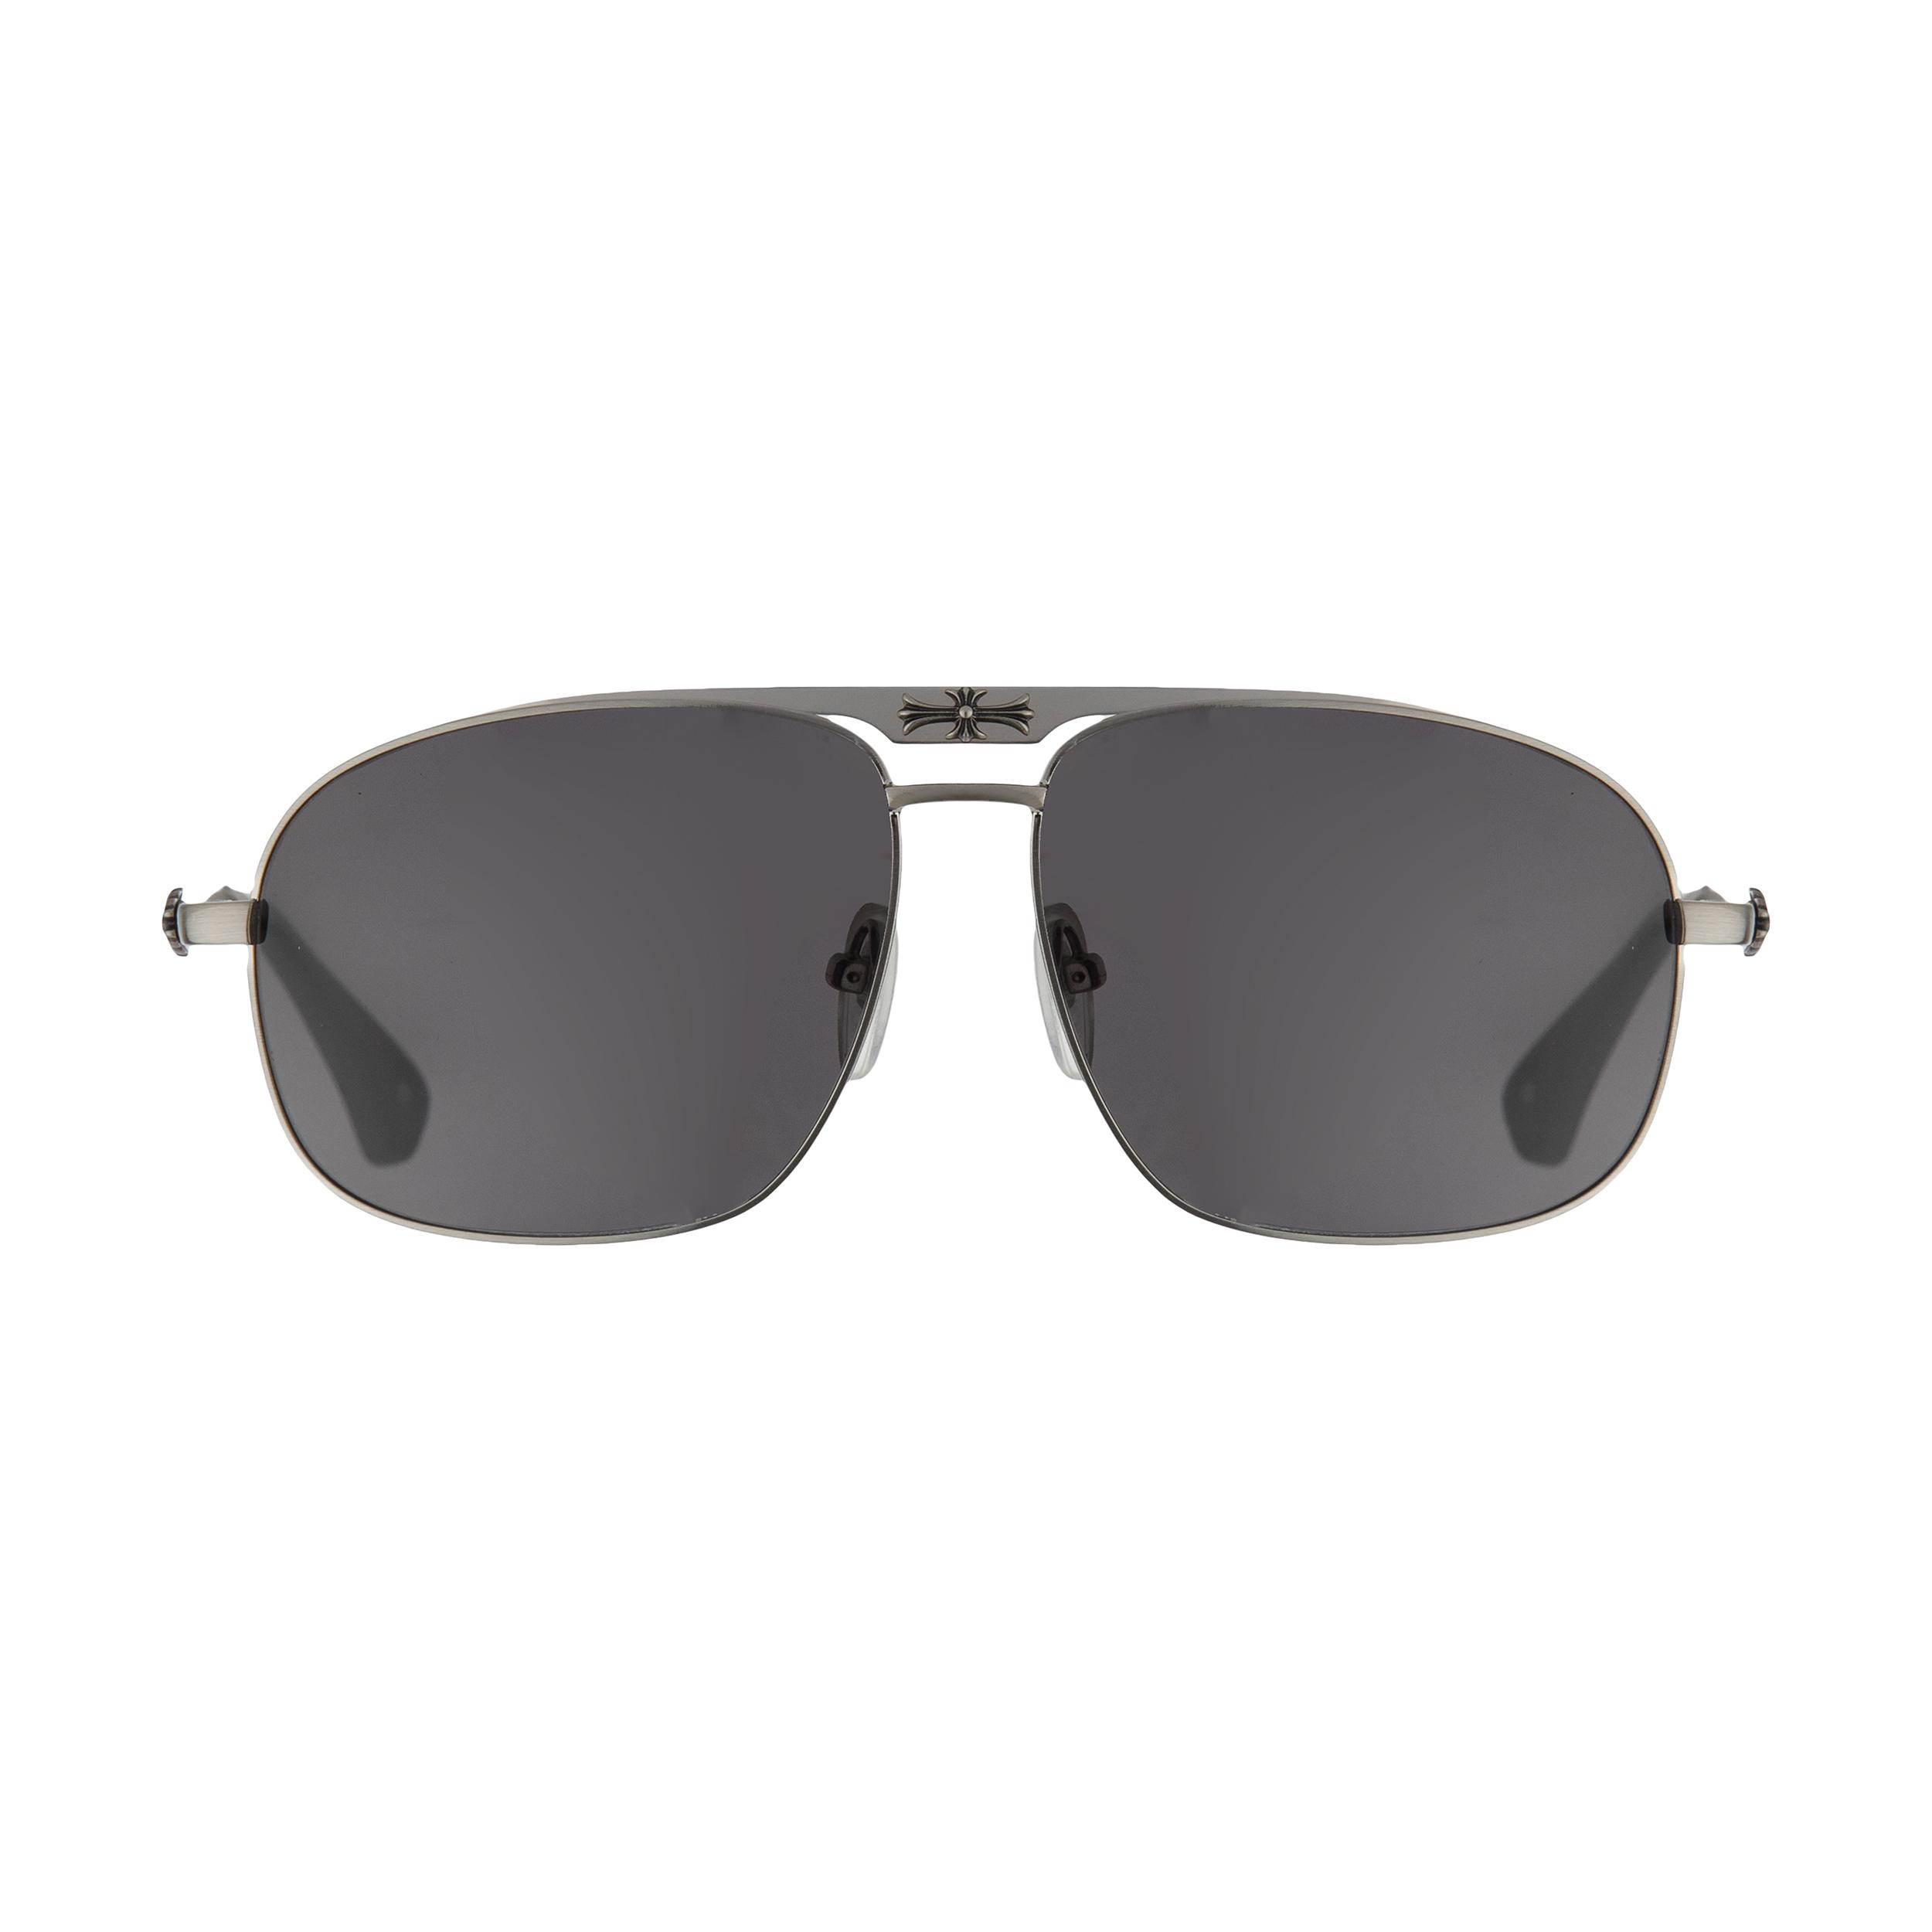 خرید                     عینک آفتابی کروم هارتز مدل Kicool